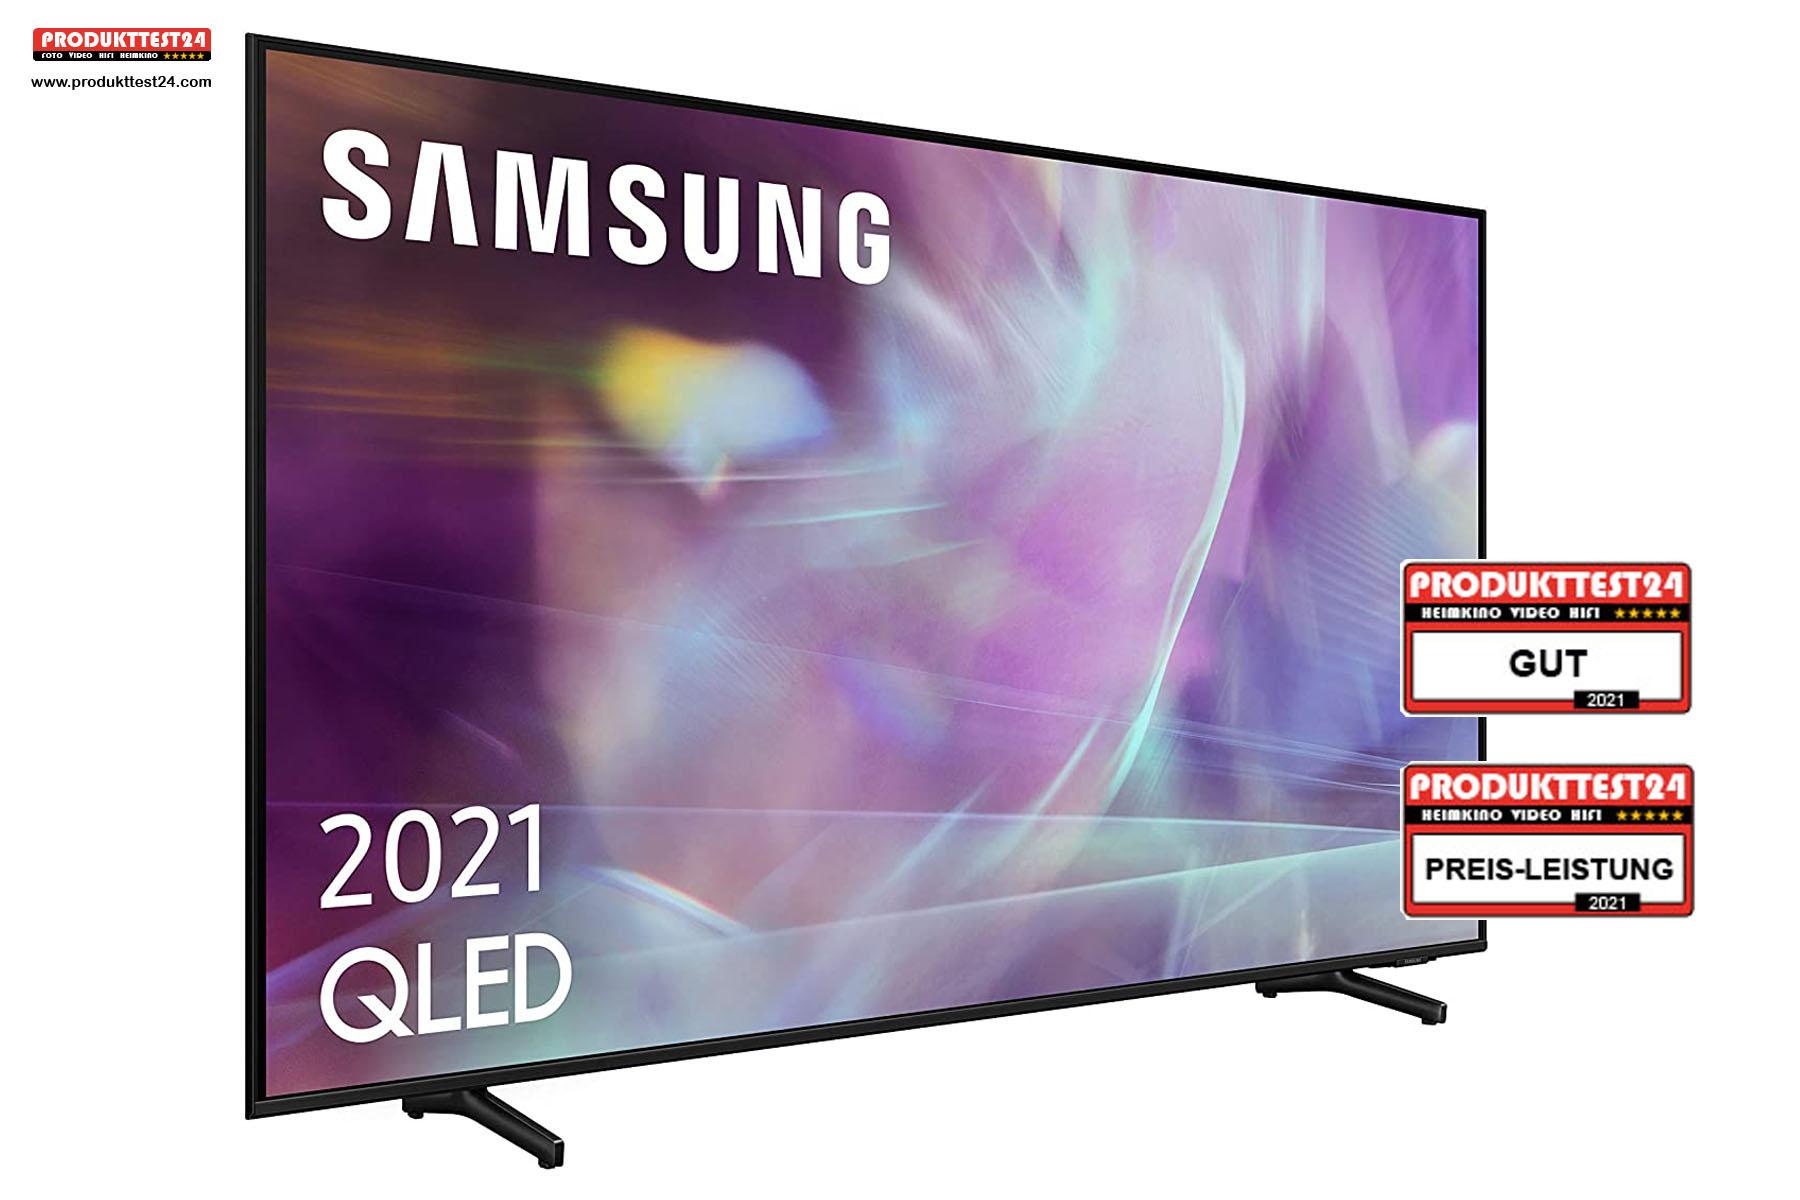 Samsung GQ85Q60A QLED 4K-Fernseher - Testurteil: GUT!